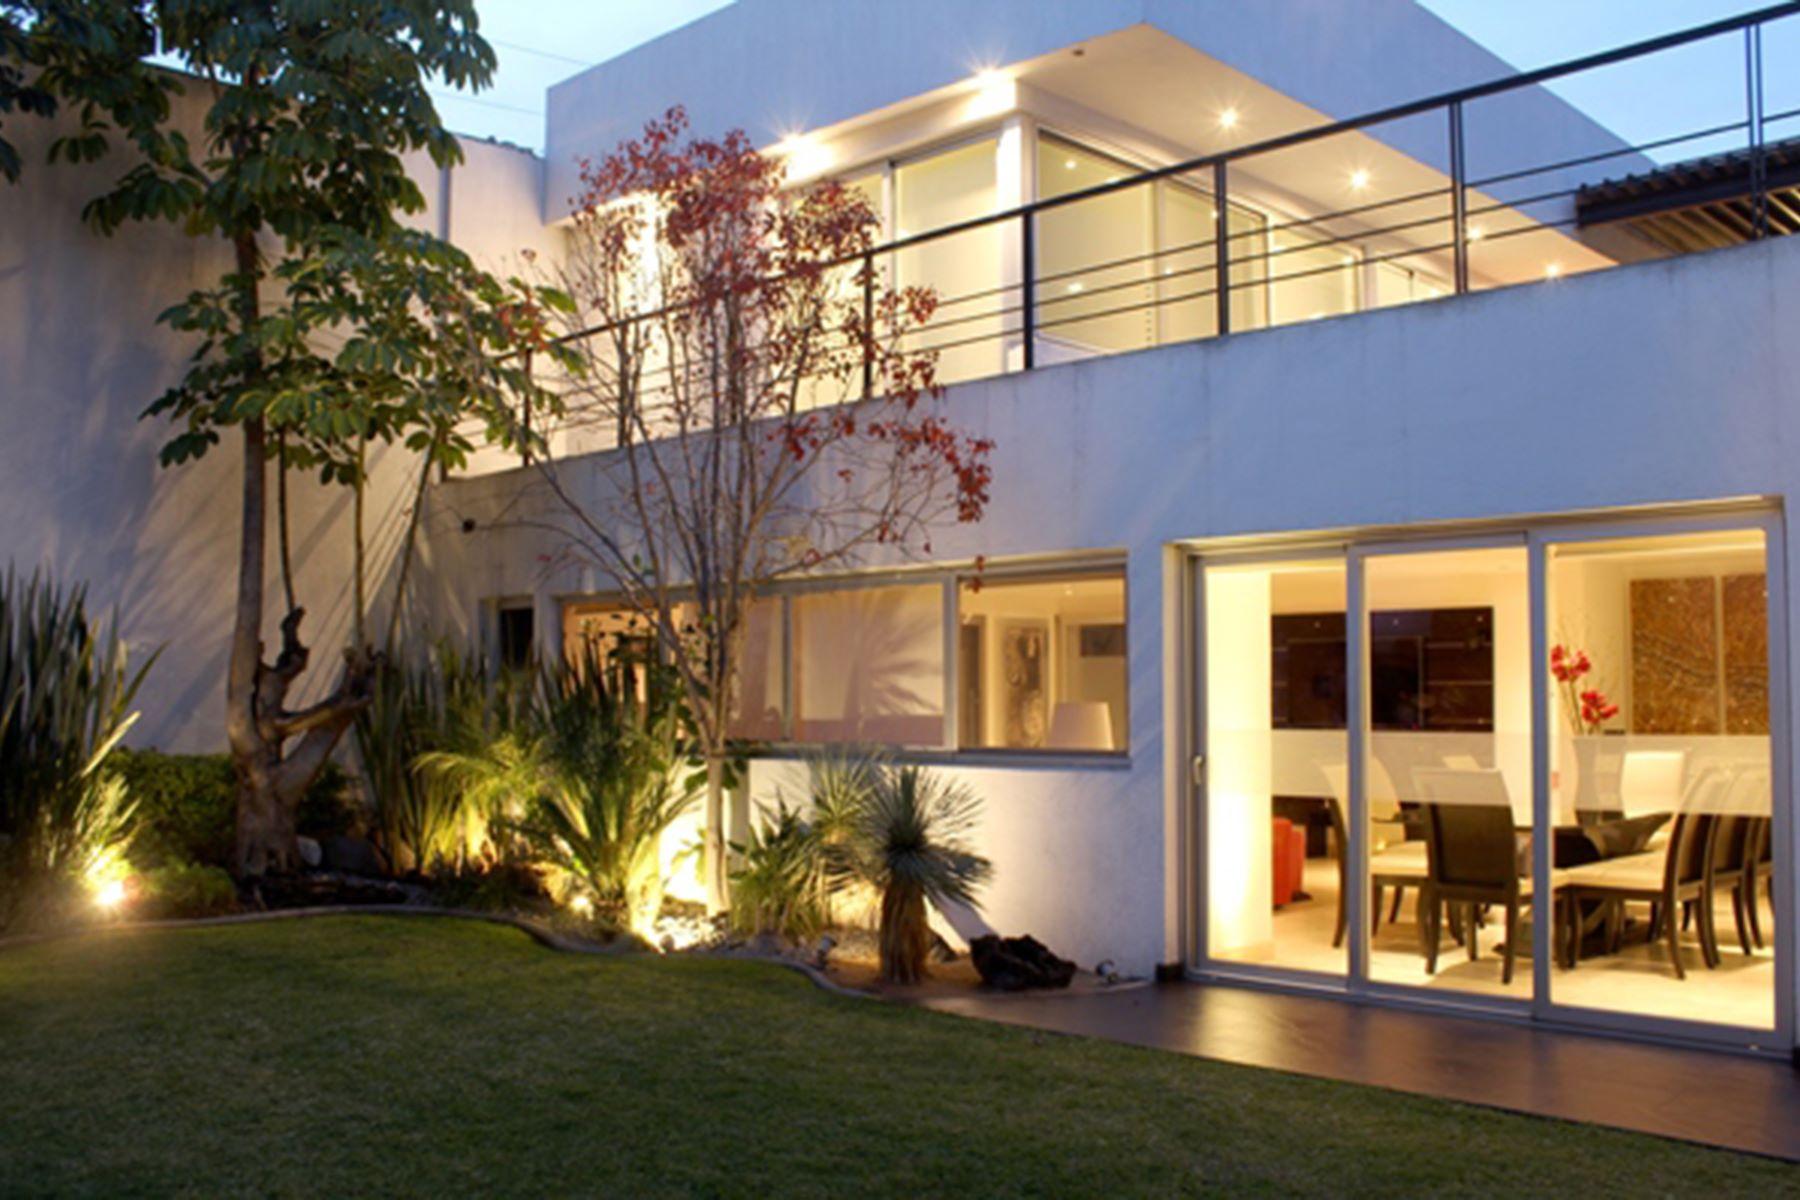 Частный односемейный дом для того Продажа на Casa Dinastía Queretaro, Queretaro, 76030 Мексика